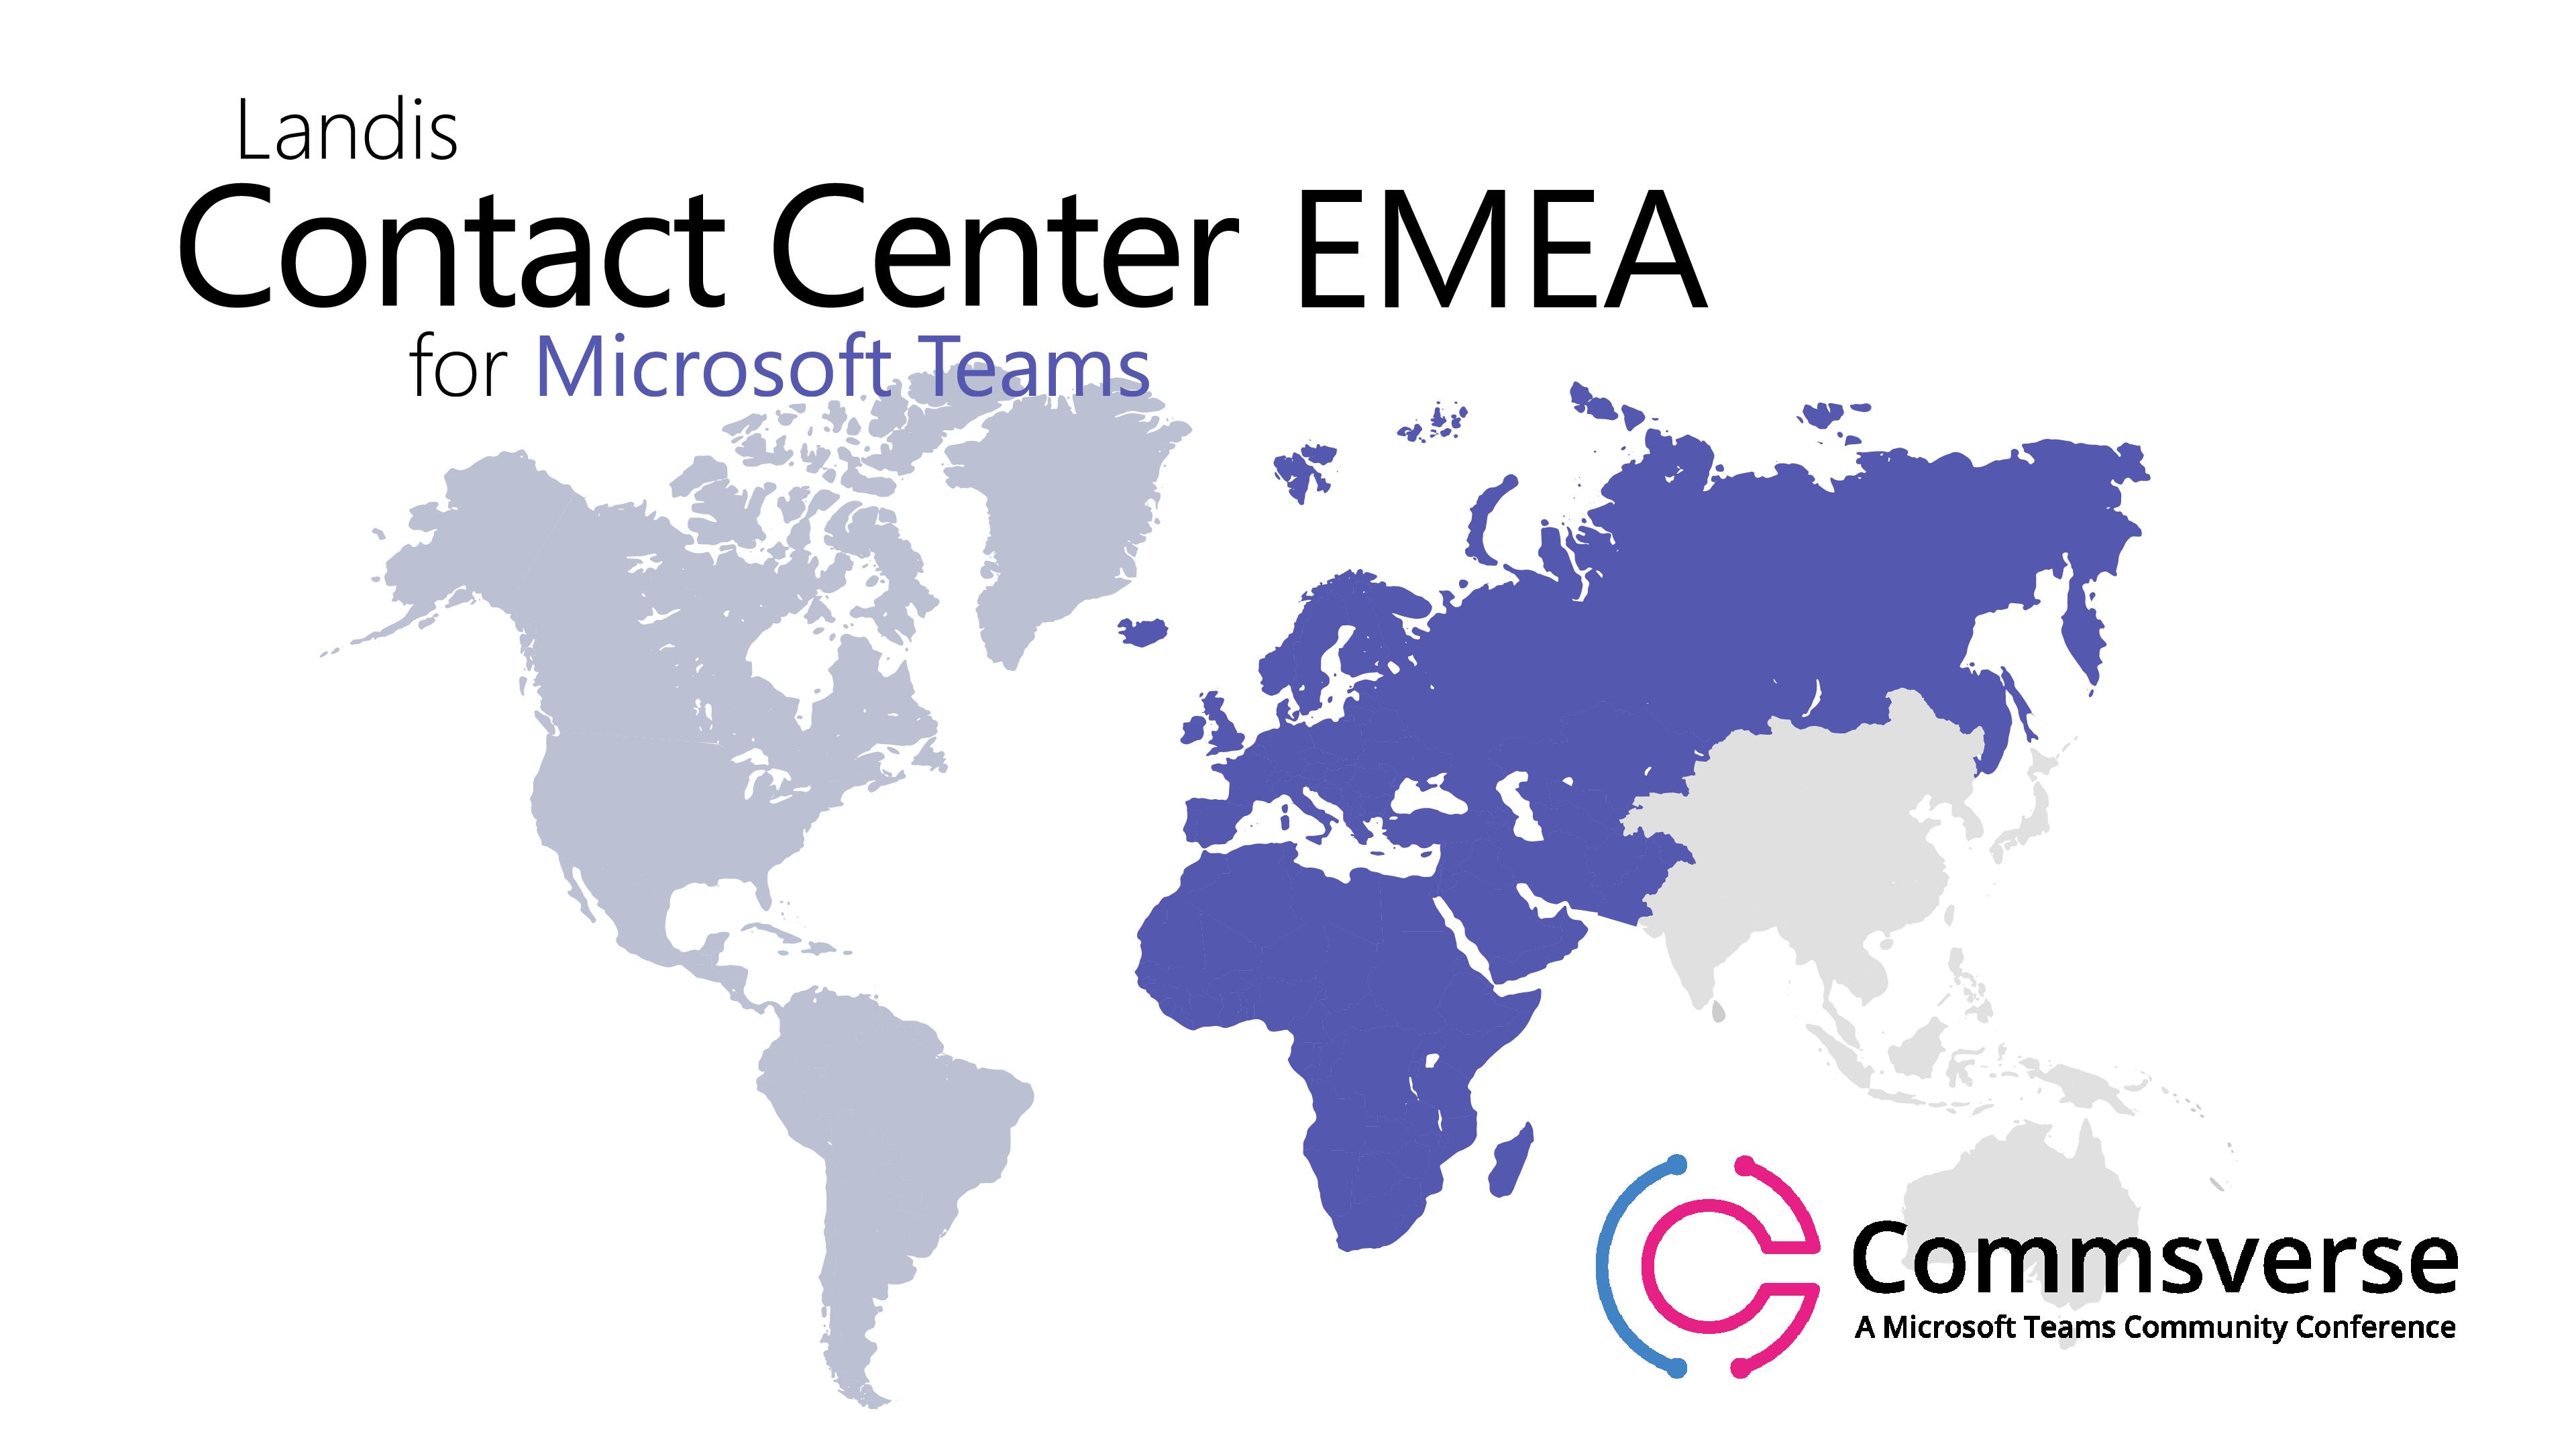 EMEA Landis Contact Center for Microsoft Teams